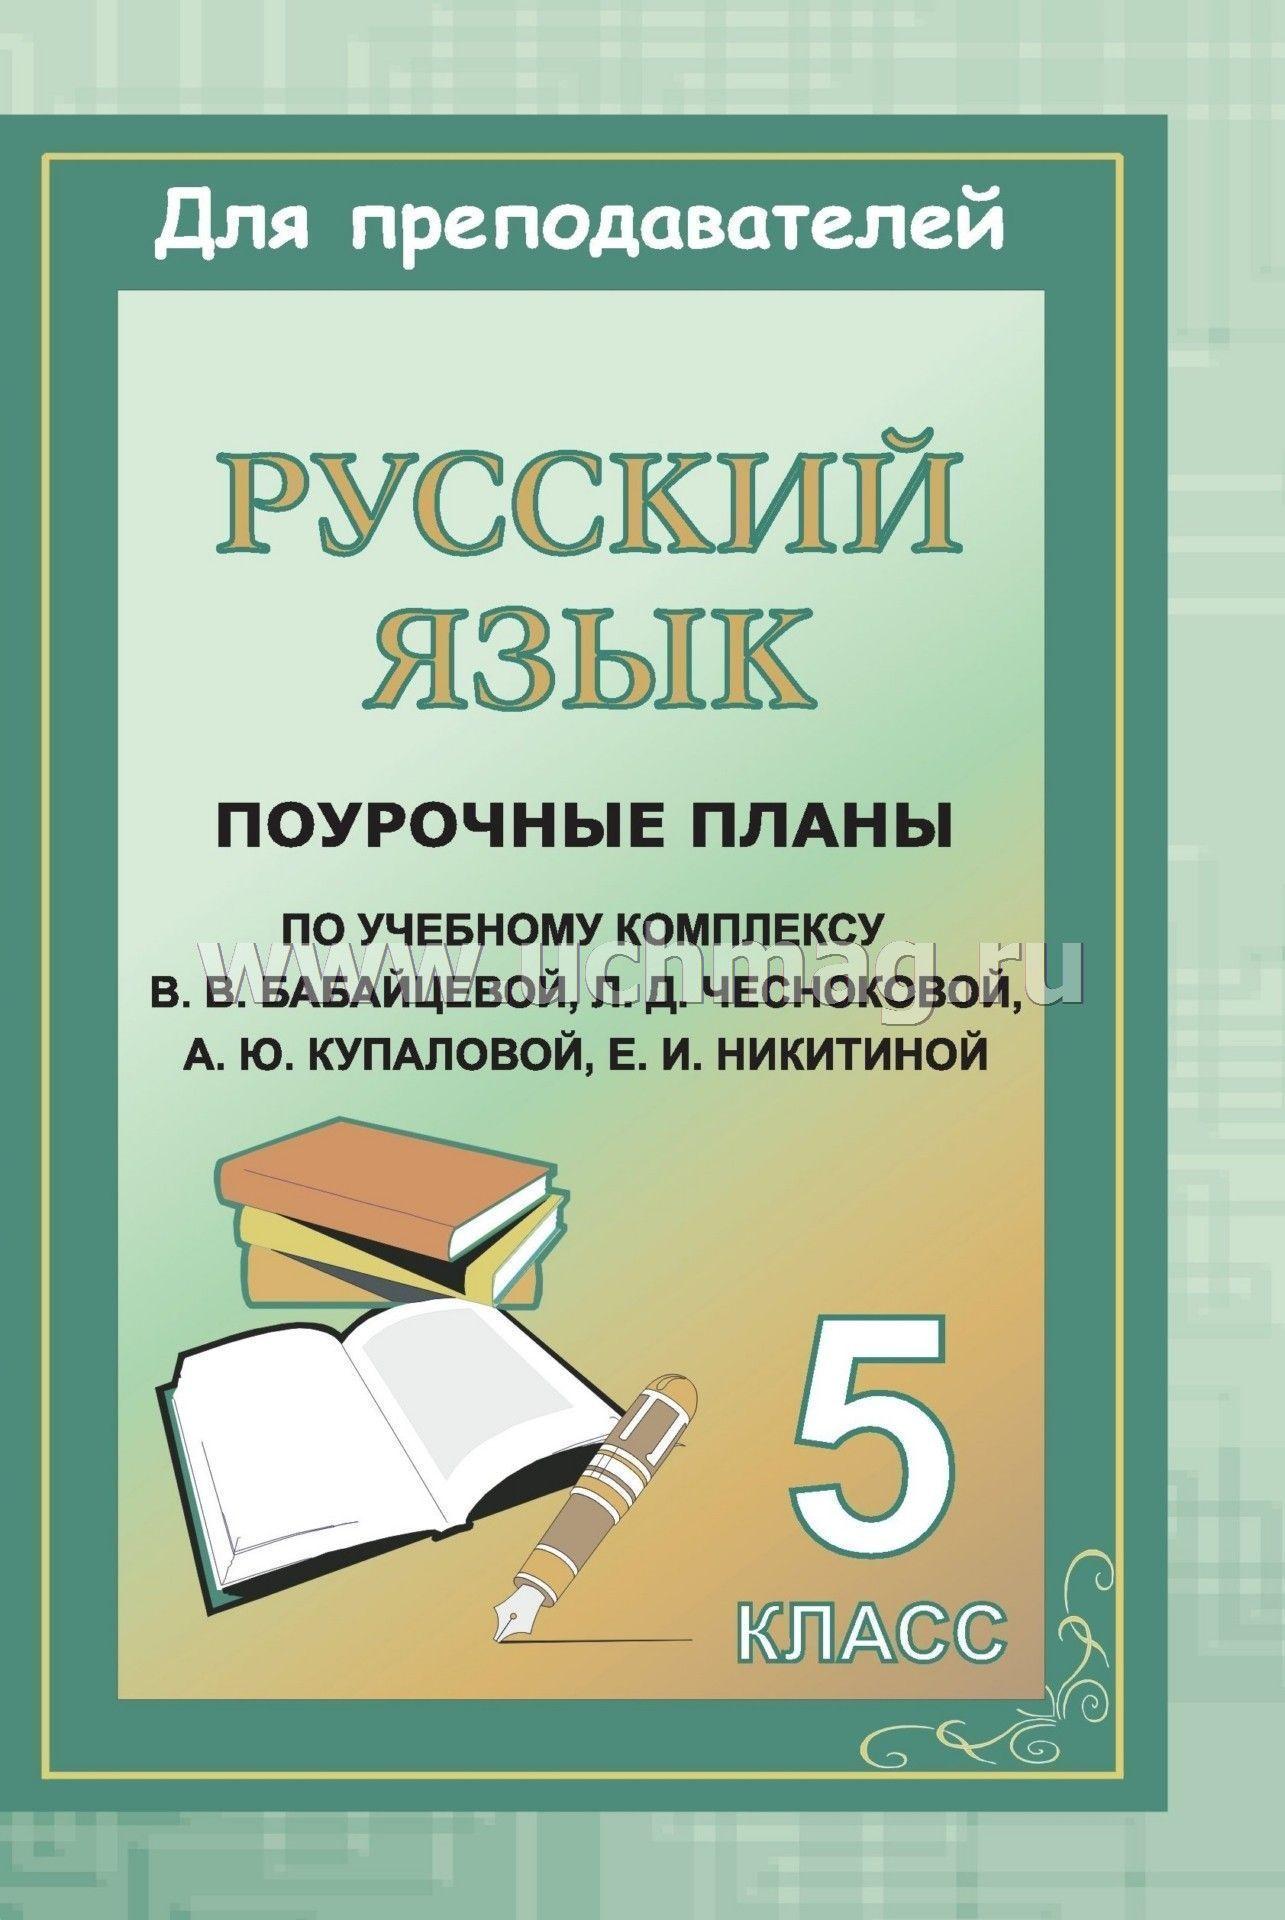 Поурочные плана по русскому языку книга разумовская леканта 8 класс диктанты